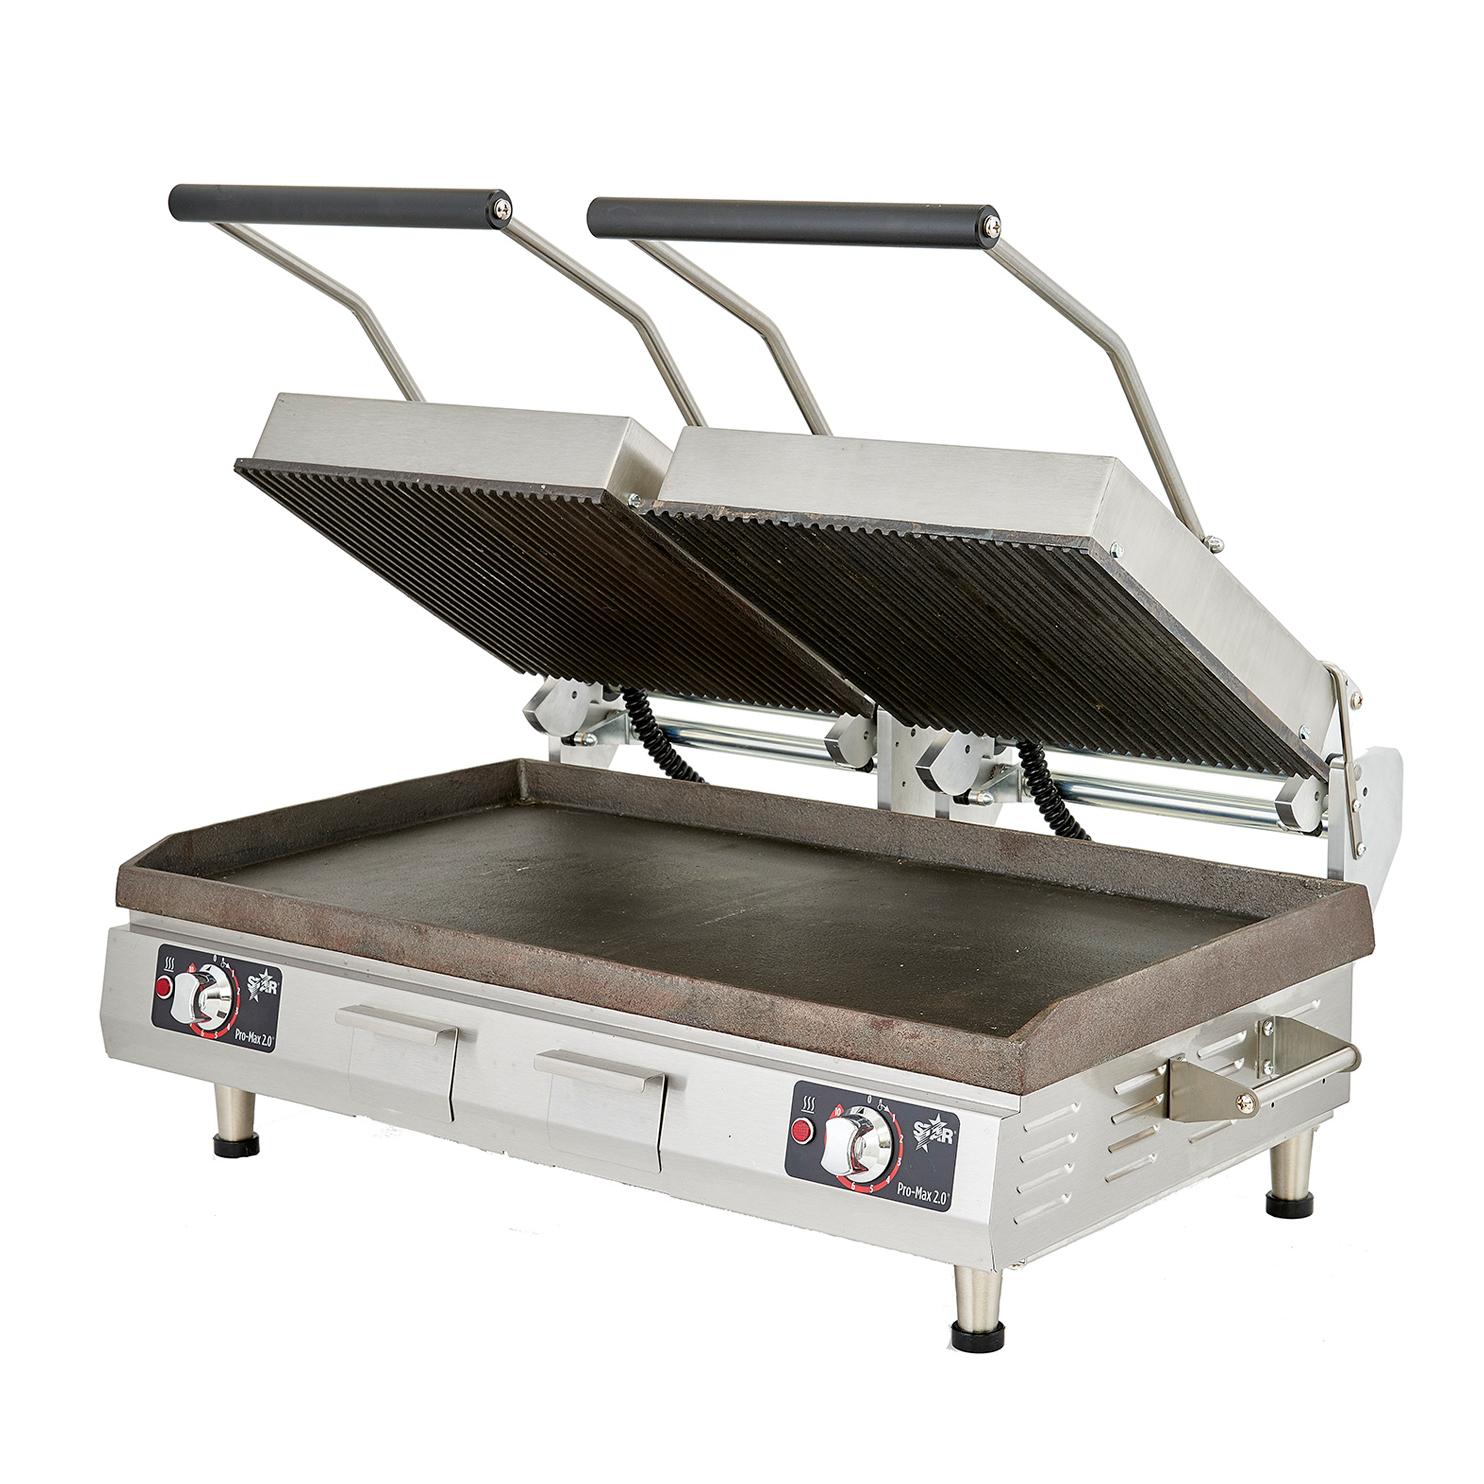 Star PSC28IEGT sandwich / panini grill